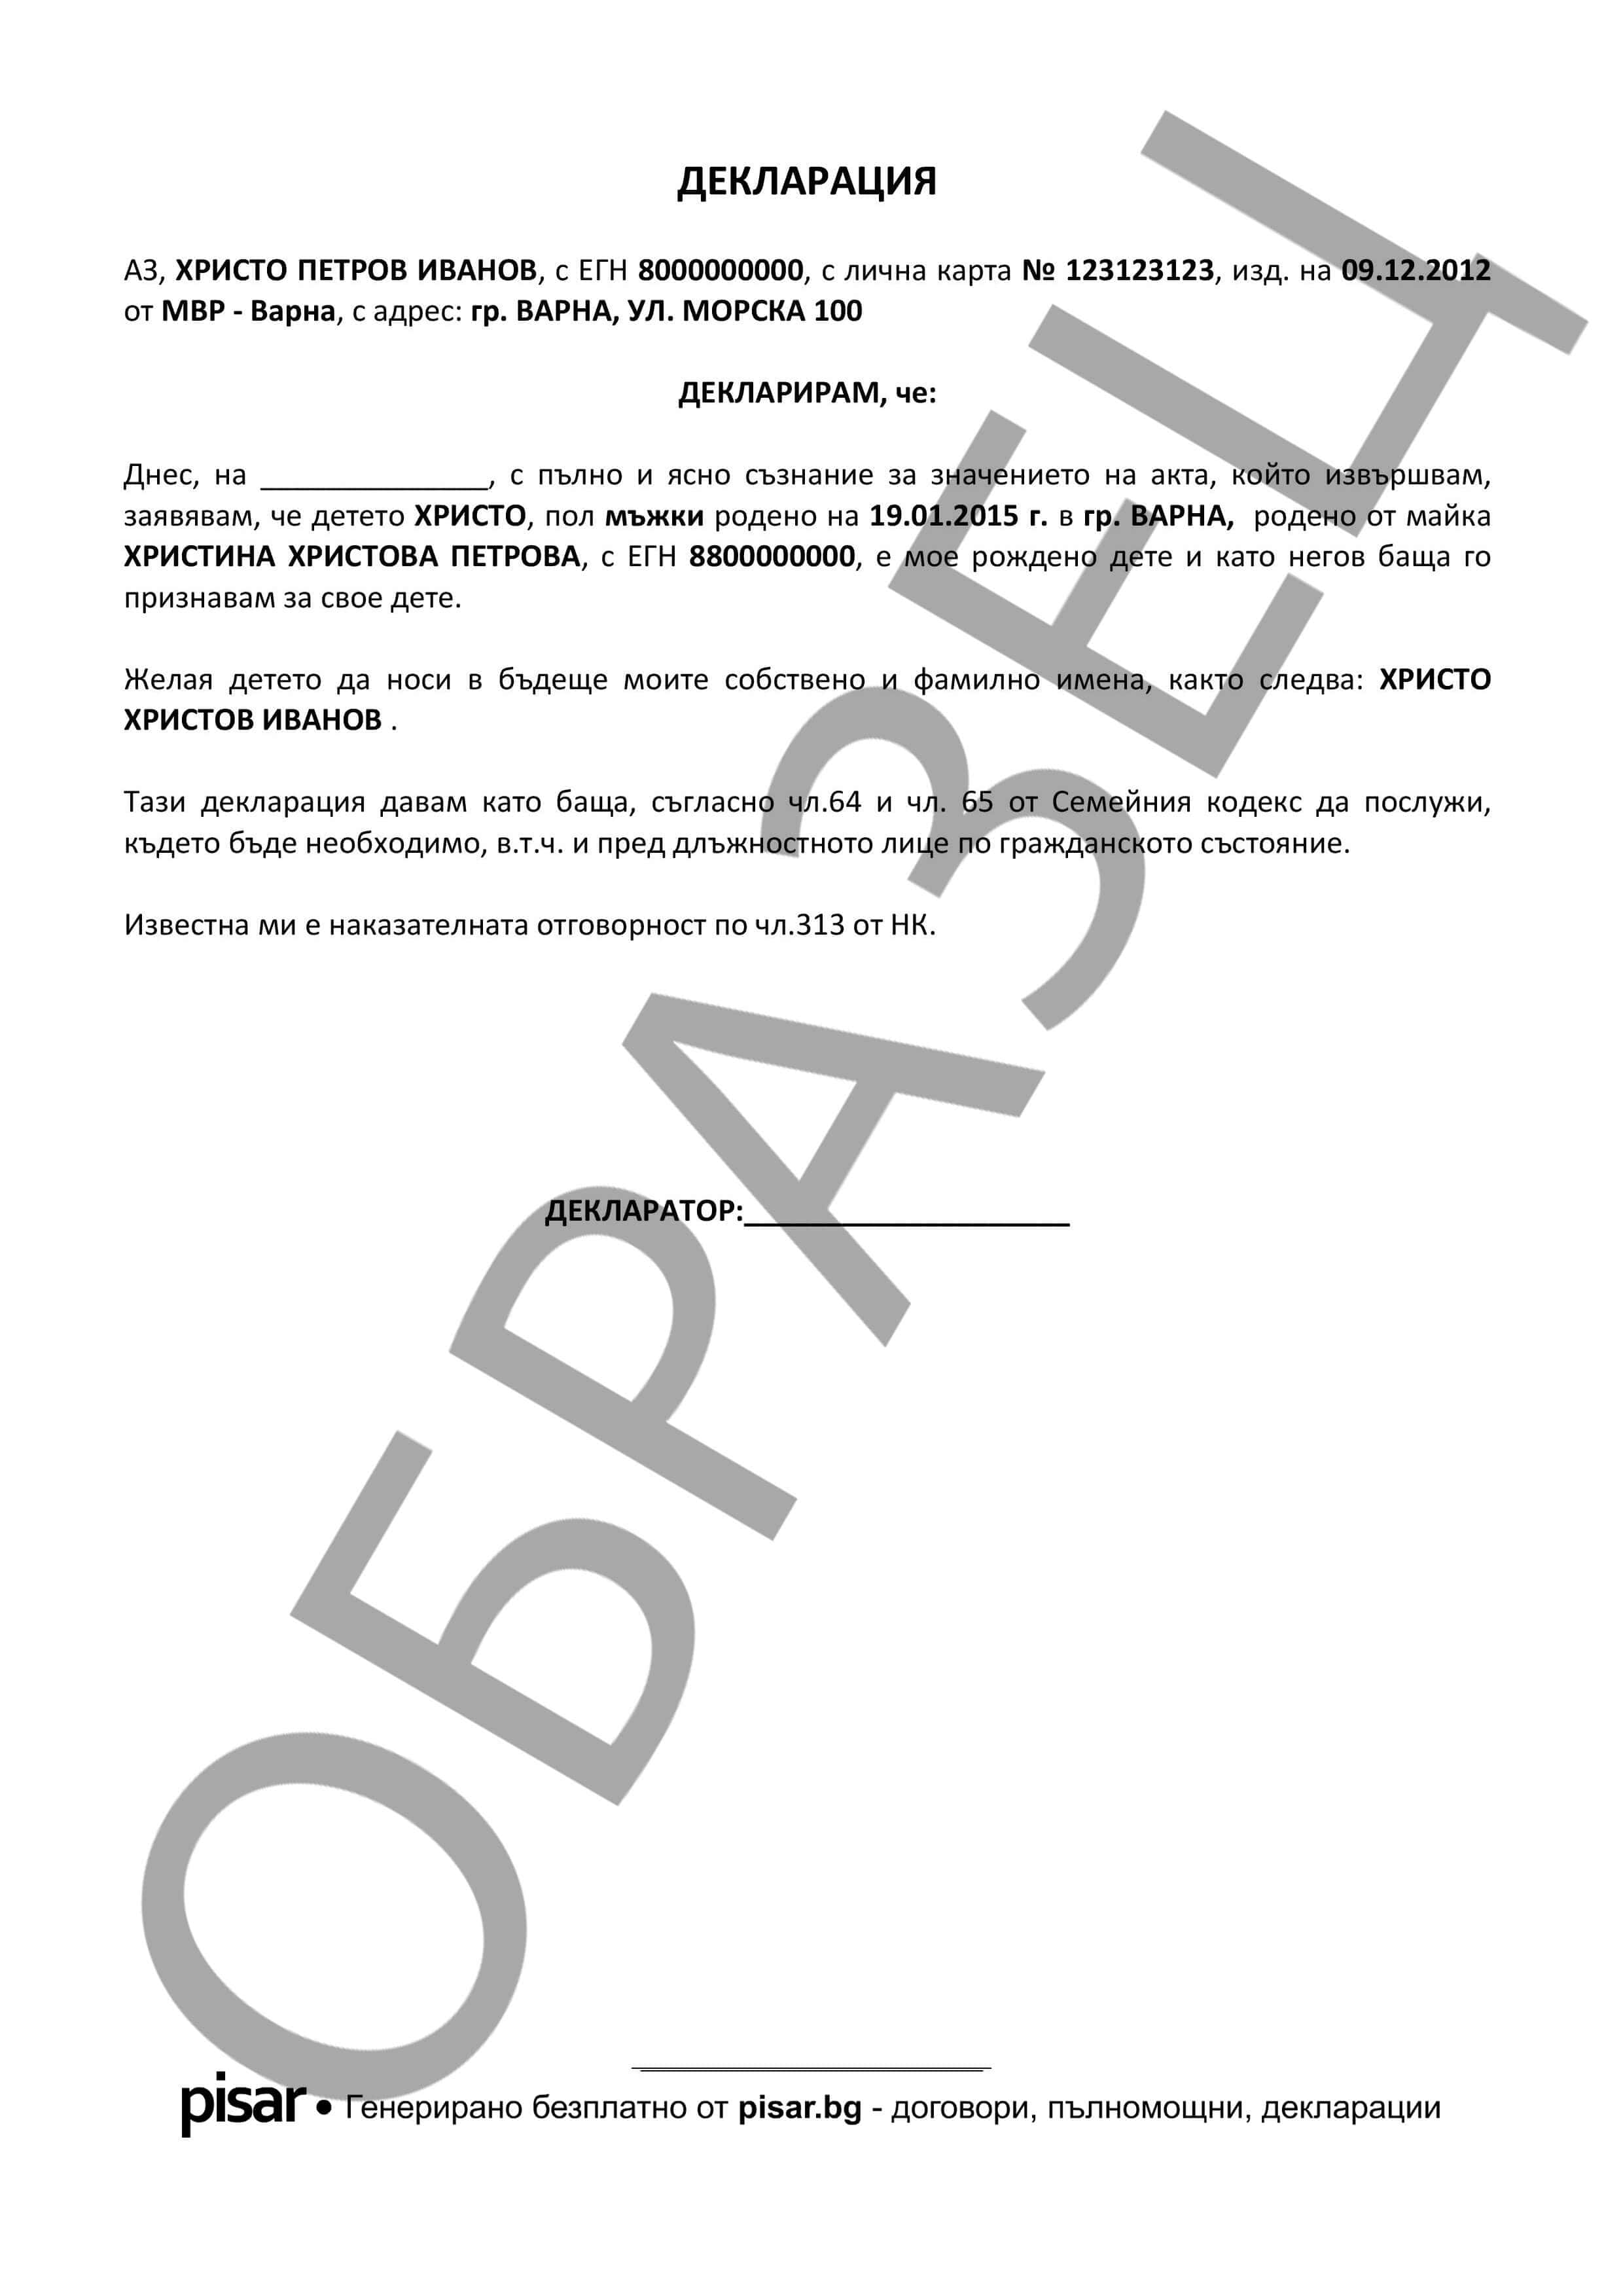 Примерен документ Декларация за припознаване на дете